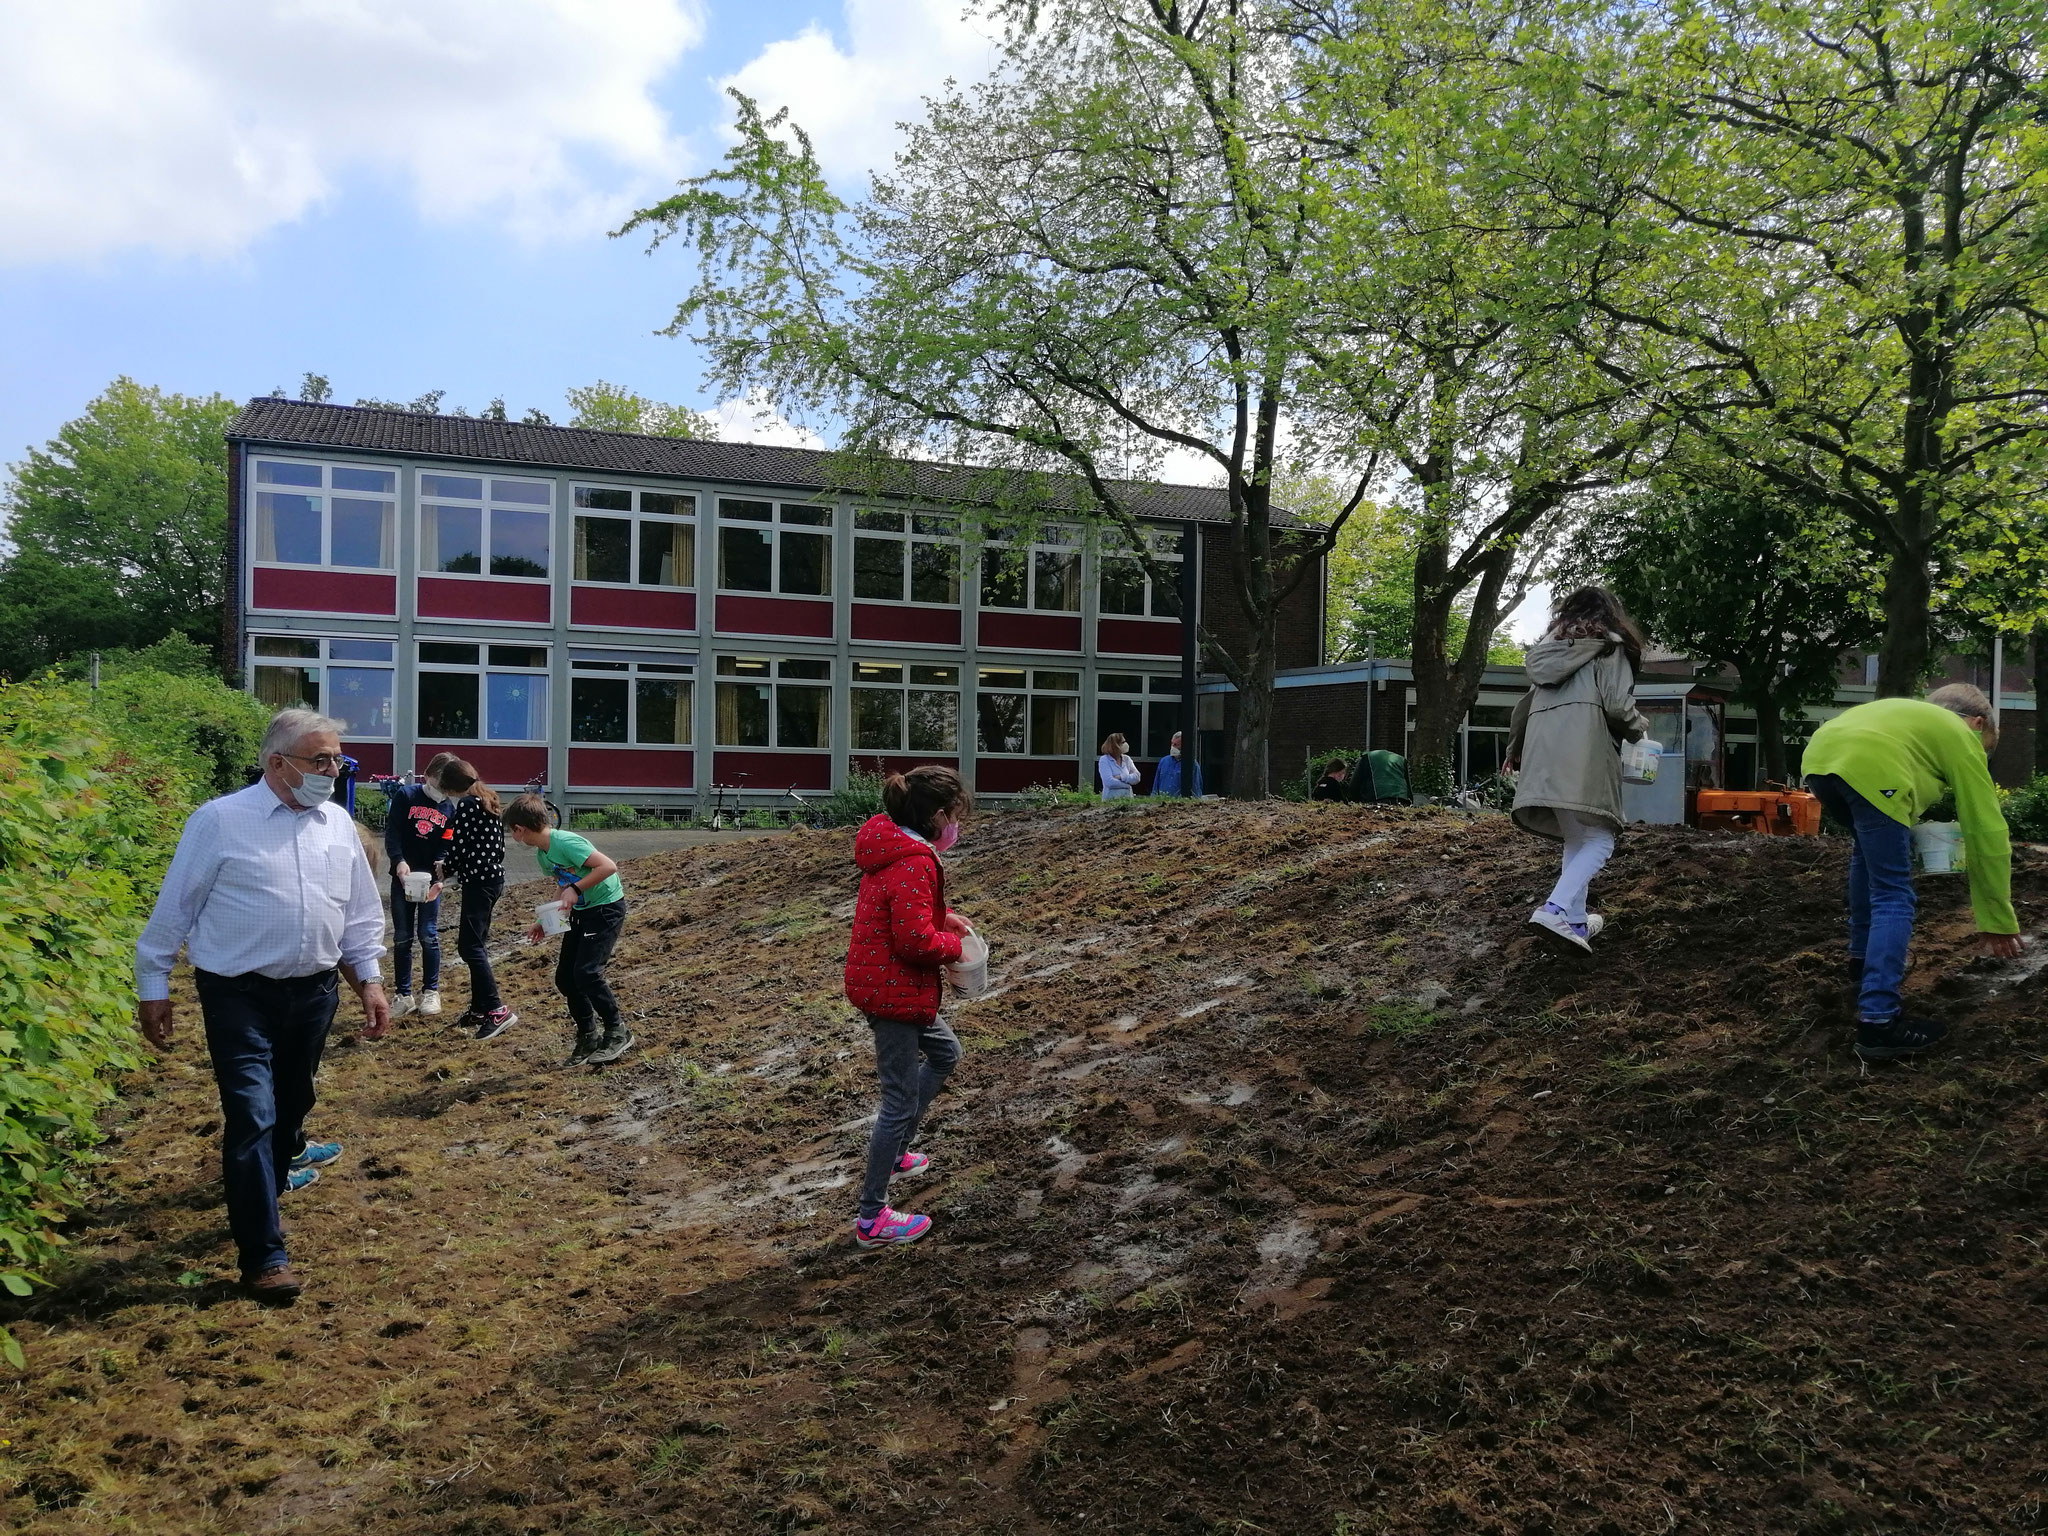 ... dann haben Kinder der 3d Blumensaat auf dem Hügel verteilt...